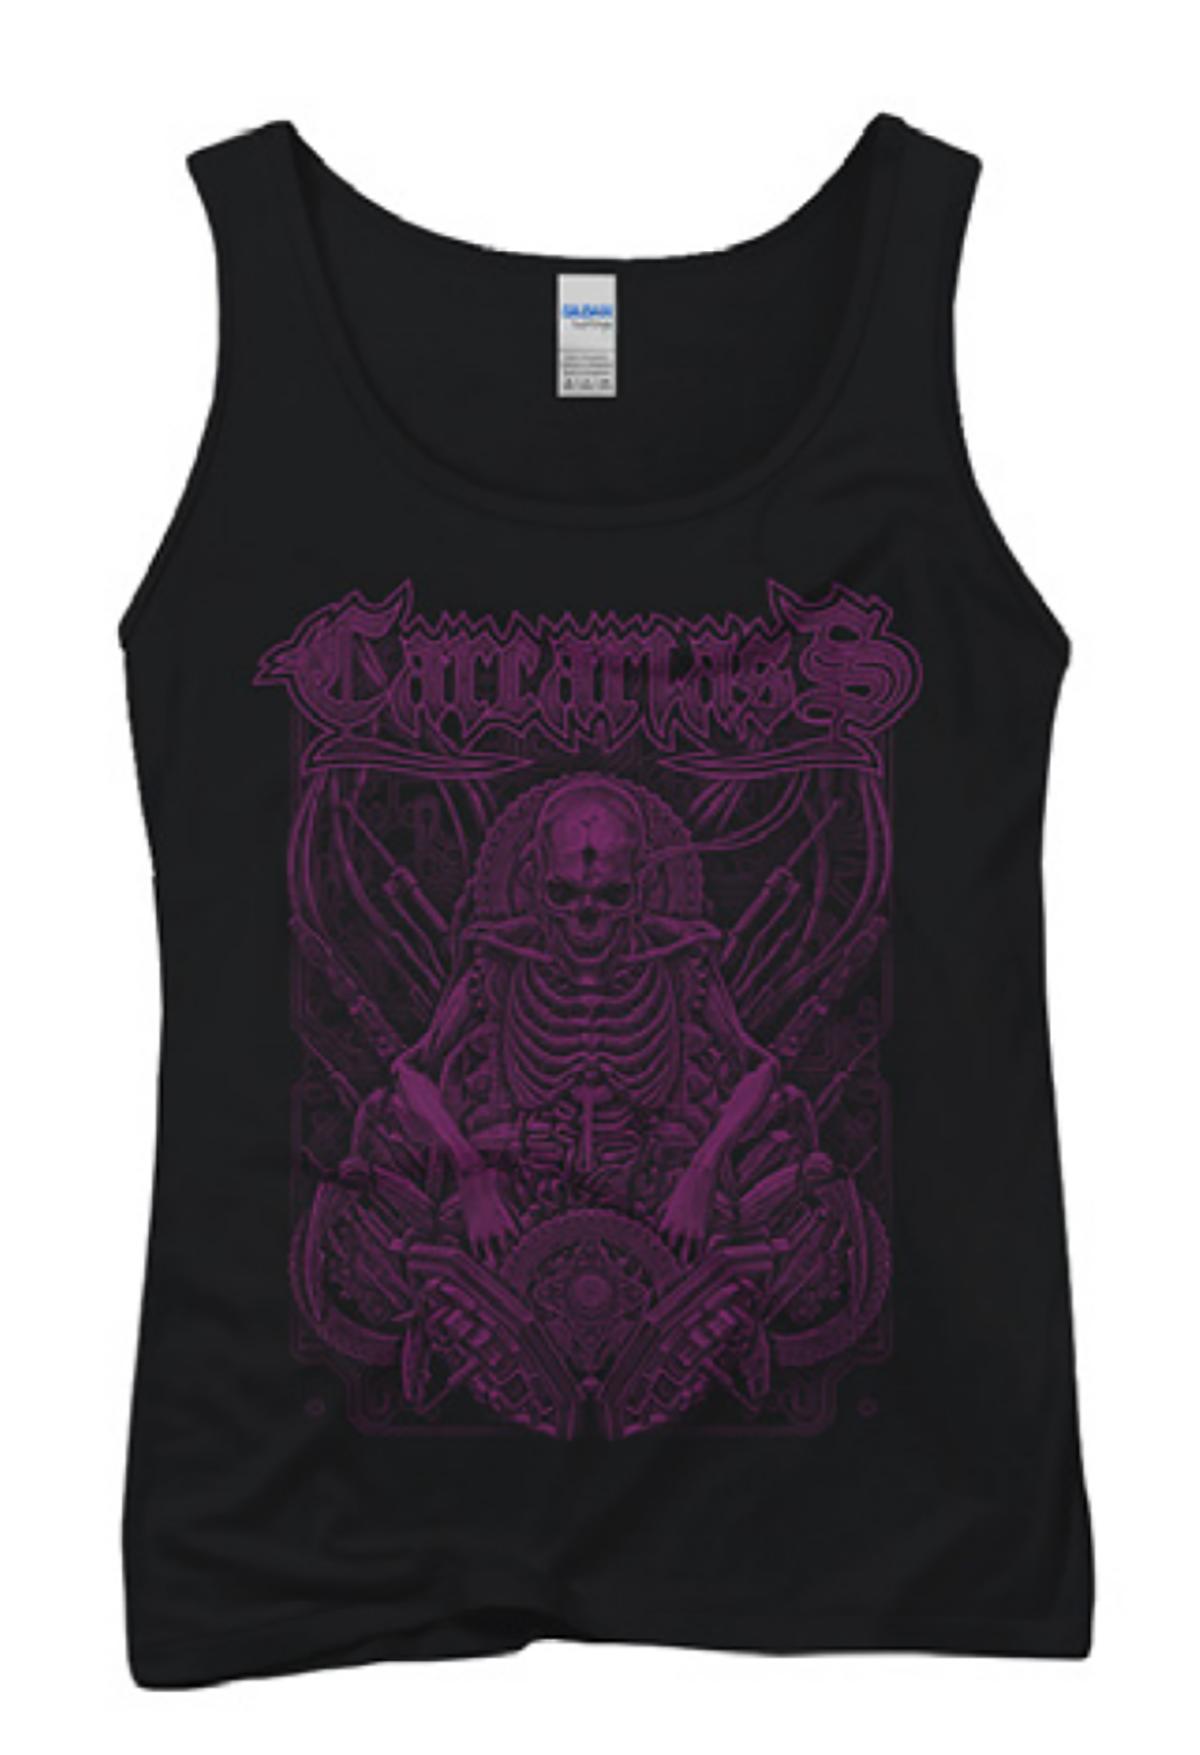 T-shirt girly purple